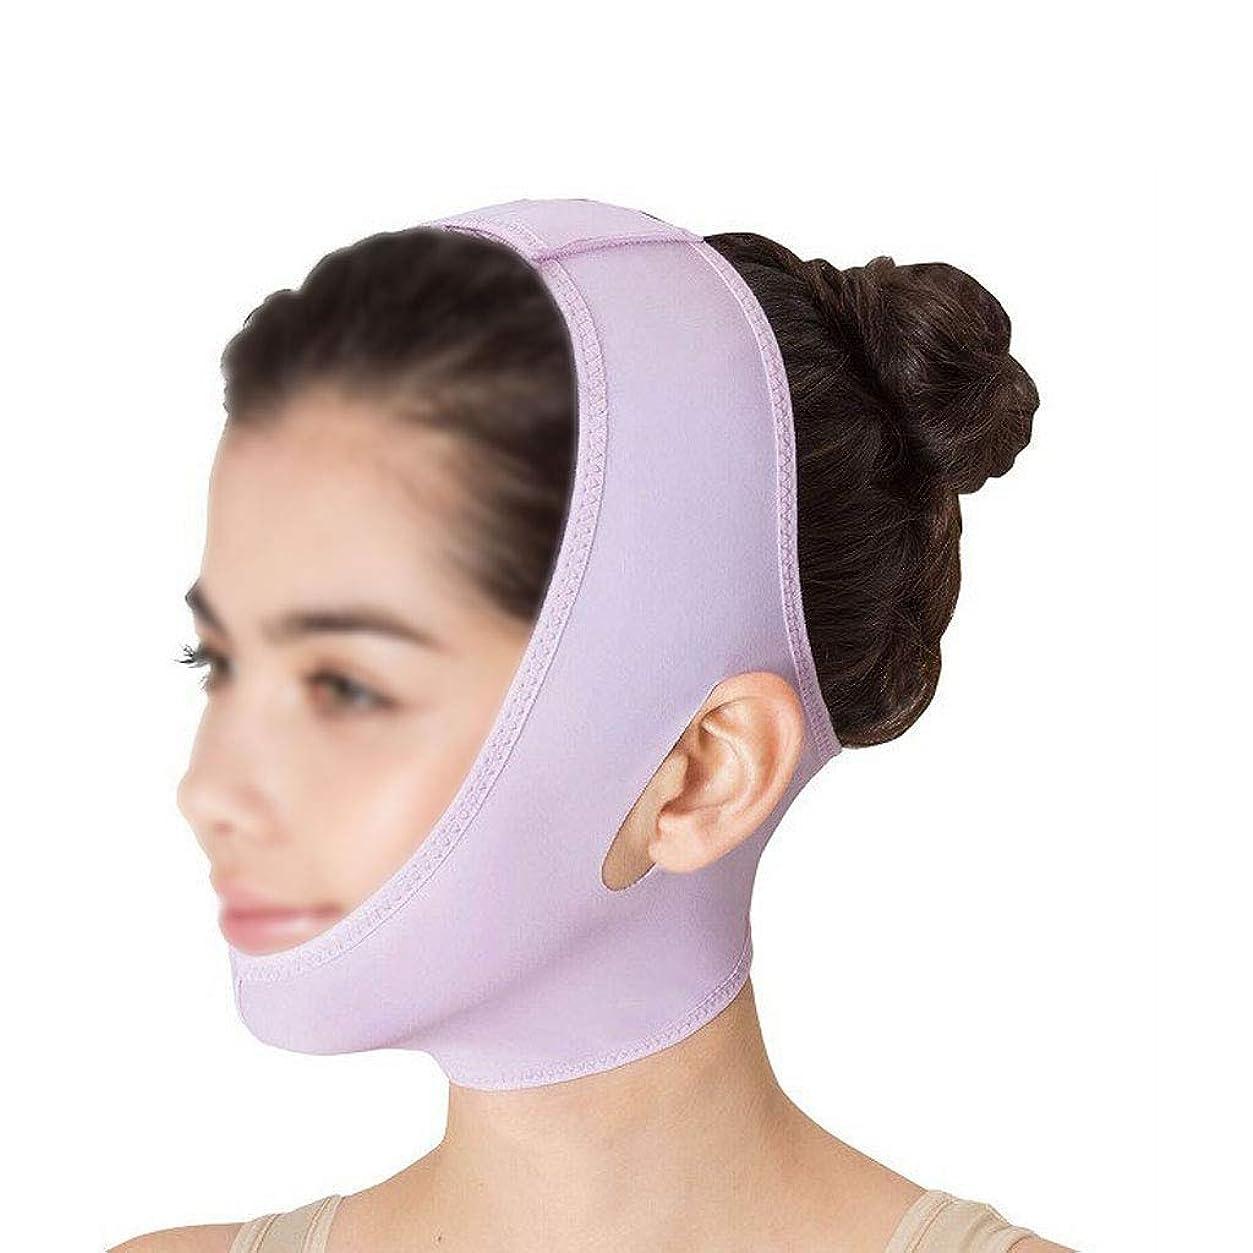 植生多くの危険がある状況競合他社選手薄いフェイスマスク ビームフェイス、薄いダブルチンでスリーピングマスクの下の頬を防ぎ、小さなVフェイスを作成